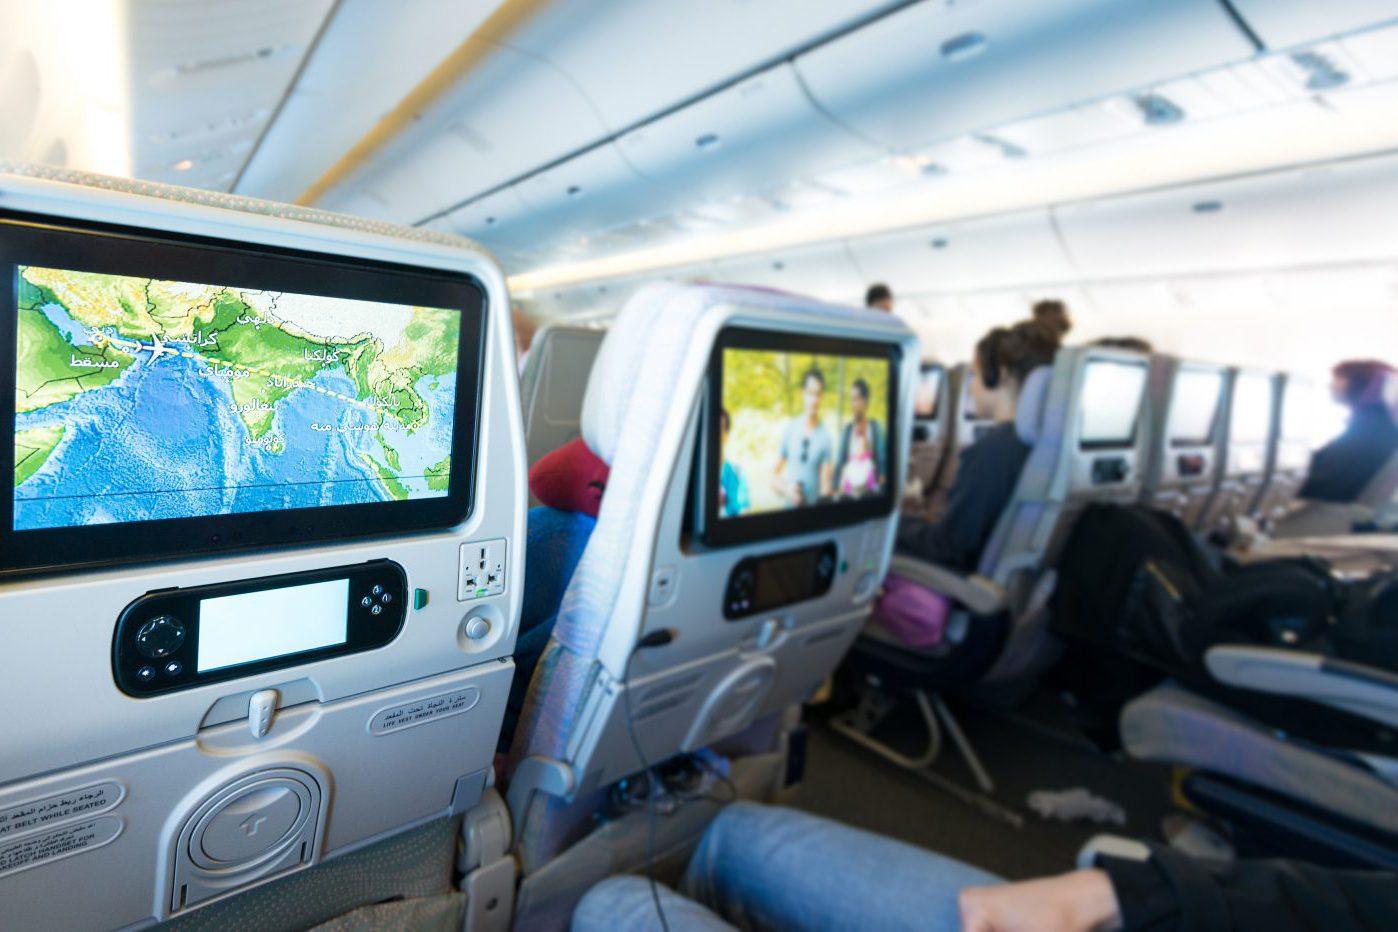 Avez-vous vraiment envie de savoir dans quel partie de l'avion vous avez le plus de risques de mourir ? (Non)